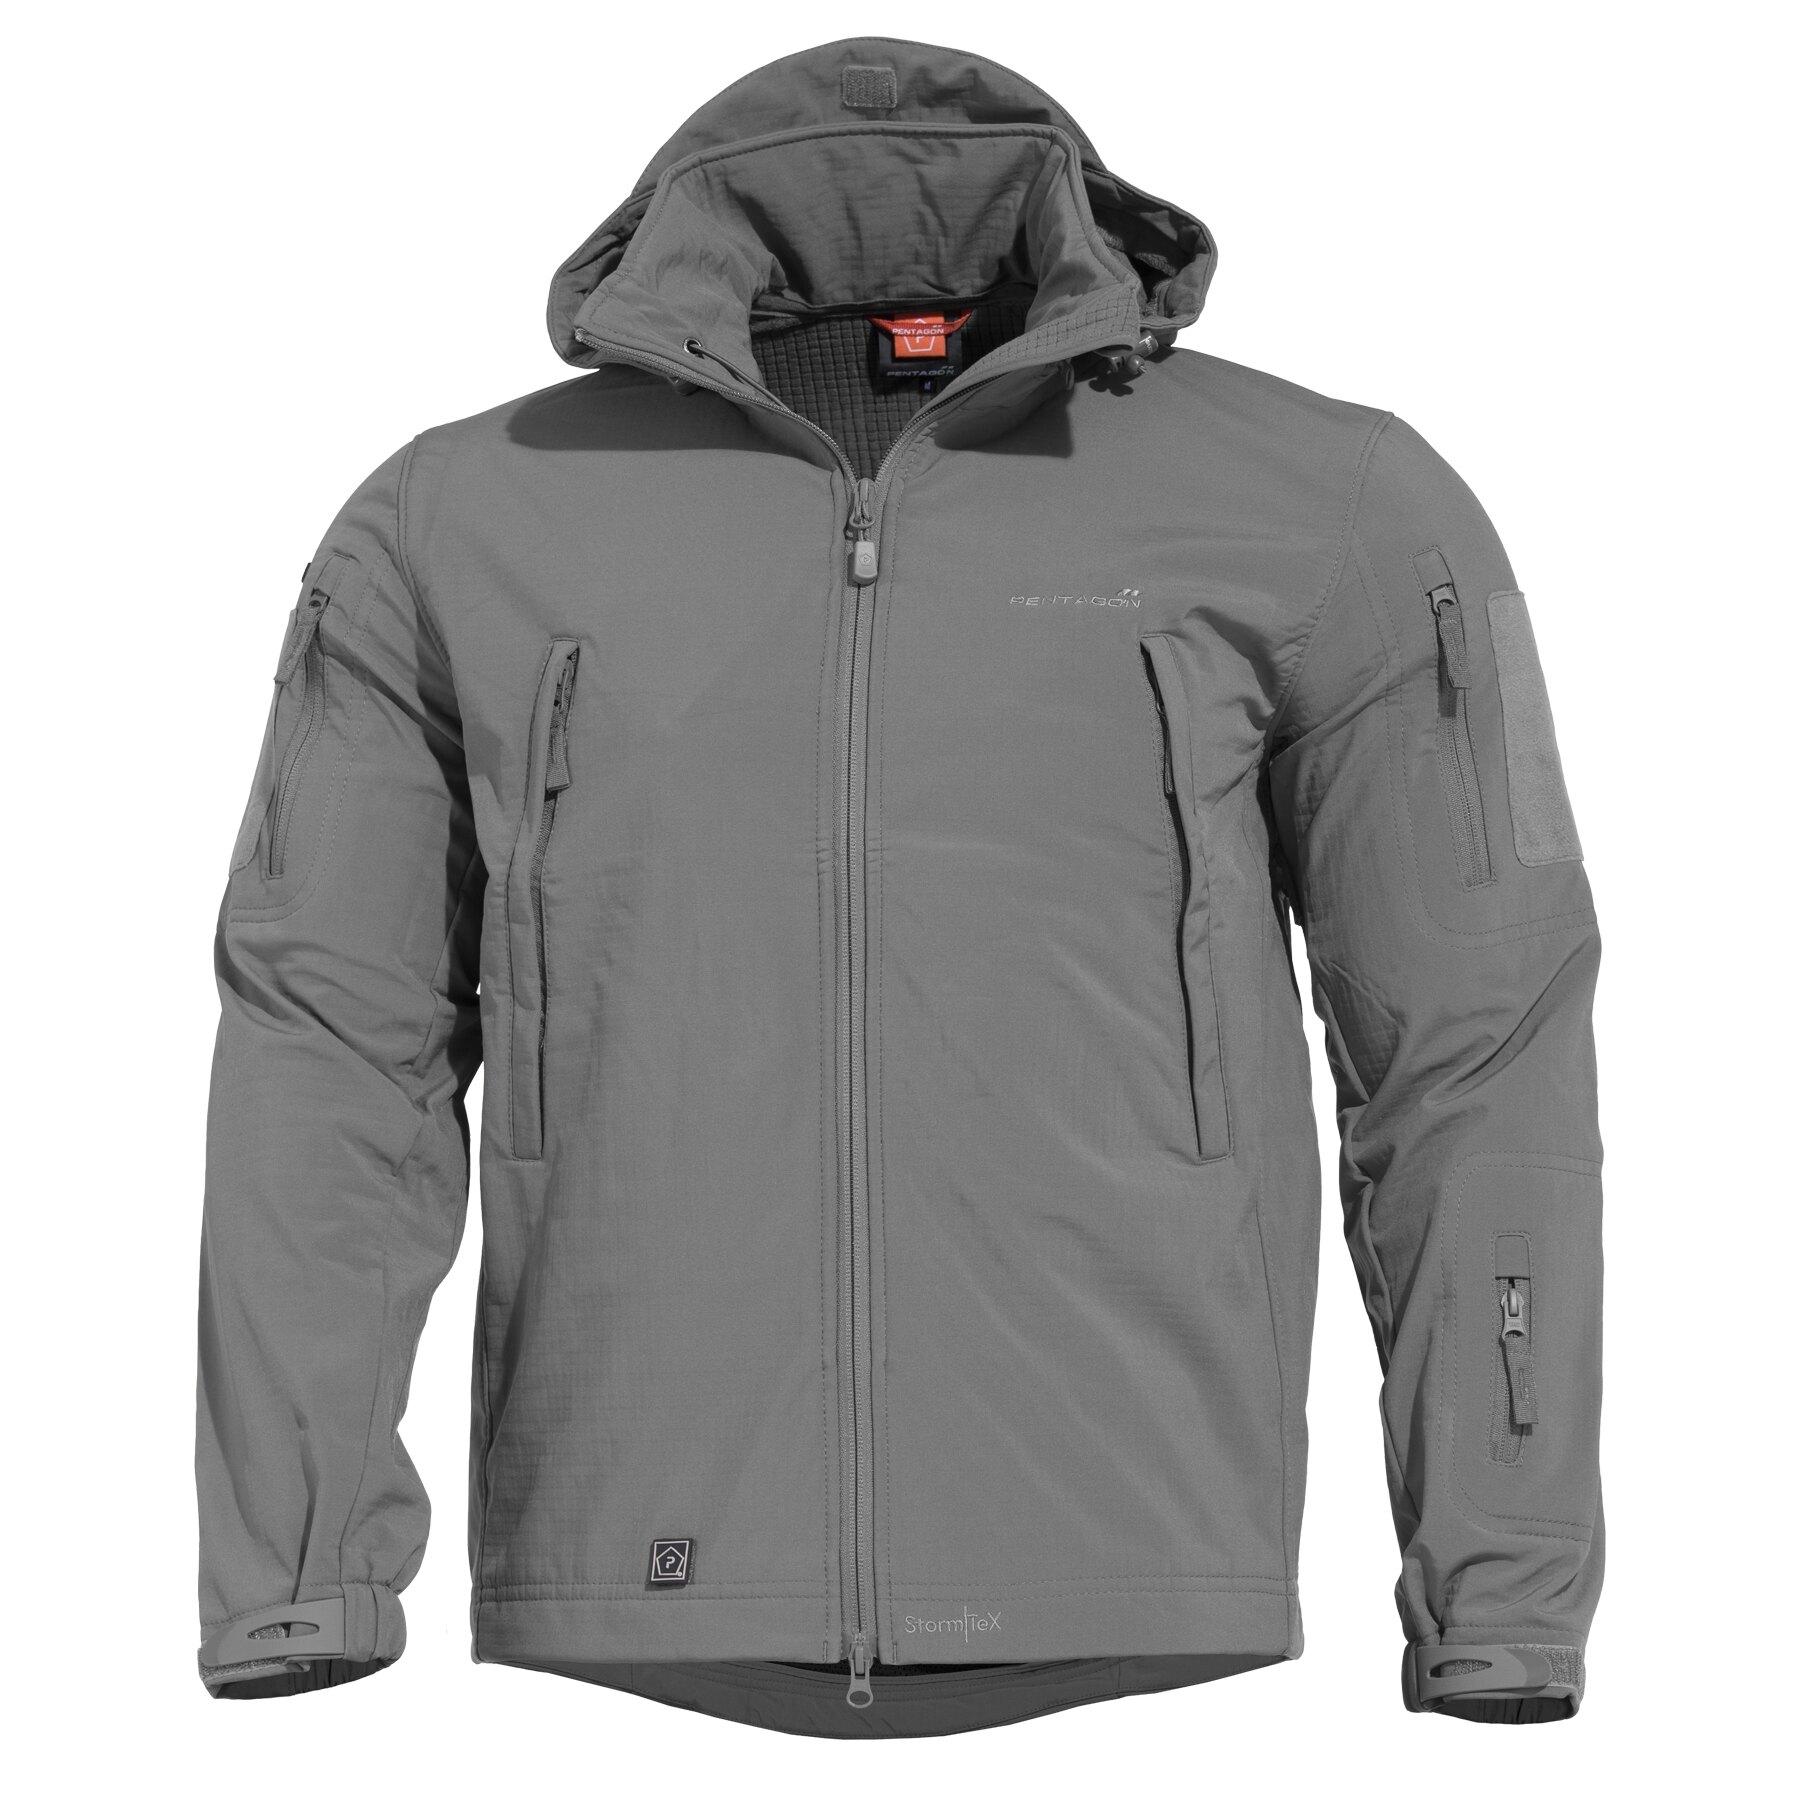 Taktická sofshellová bunda PENTAGON® ARTAXES SF Level IV – Wolf - Grey (Farba: Wolf Grey, Veľkosť: S)